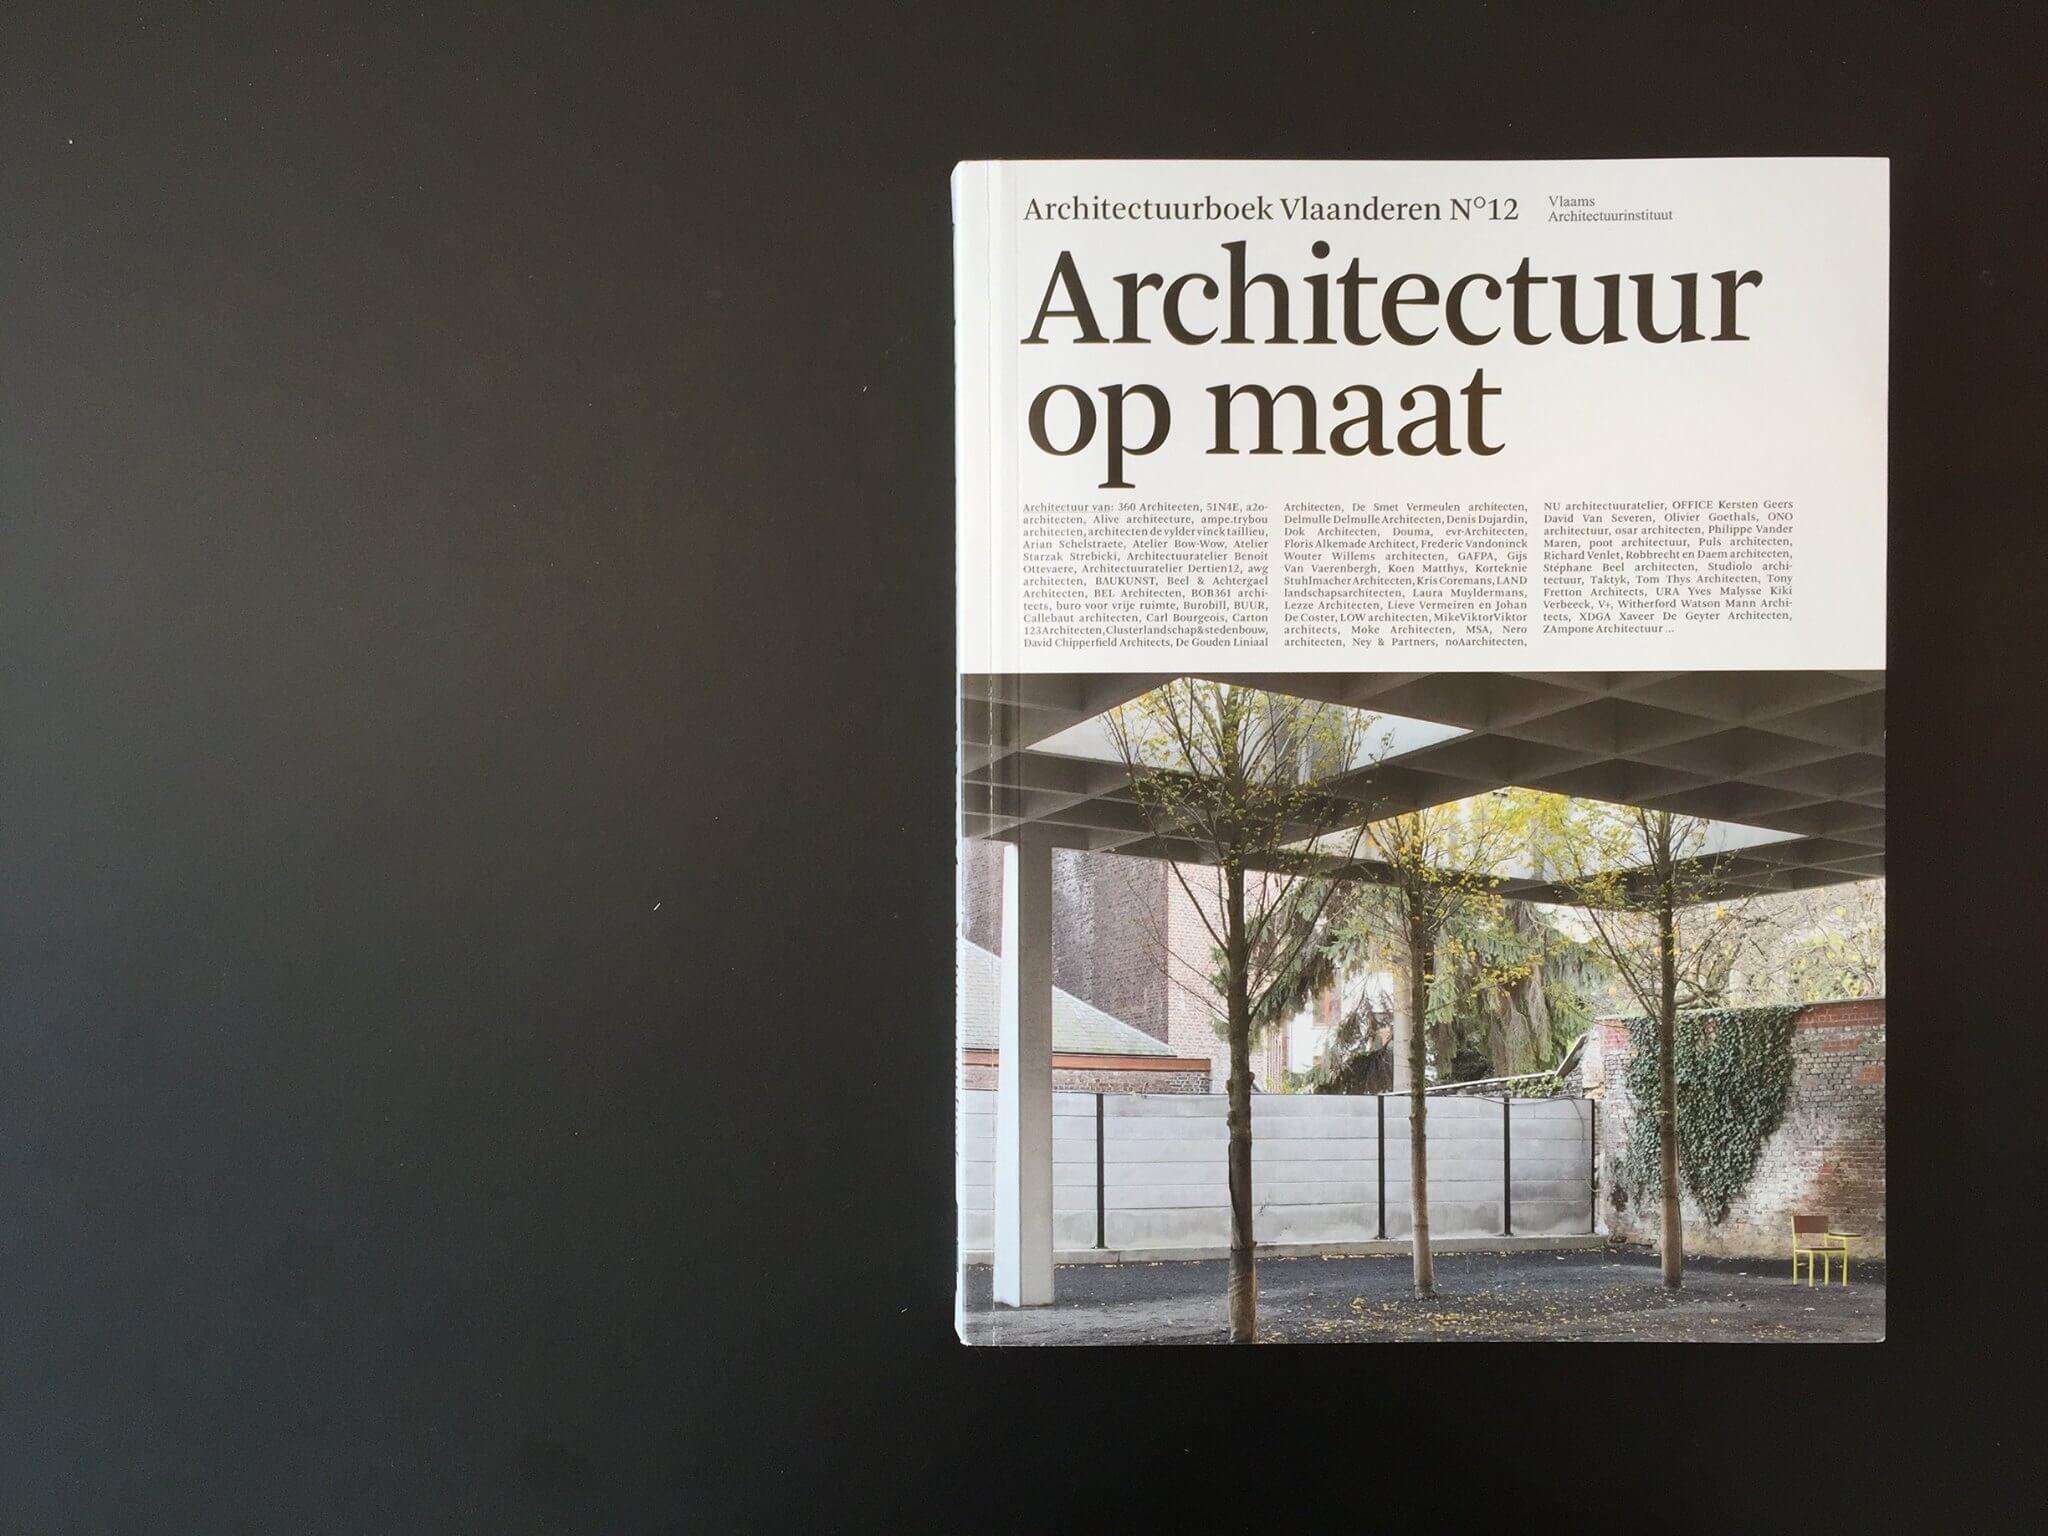 Nieuw Kinderland in Architectuurboek Vlaanderen n°12